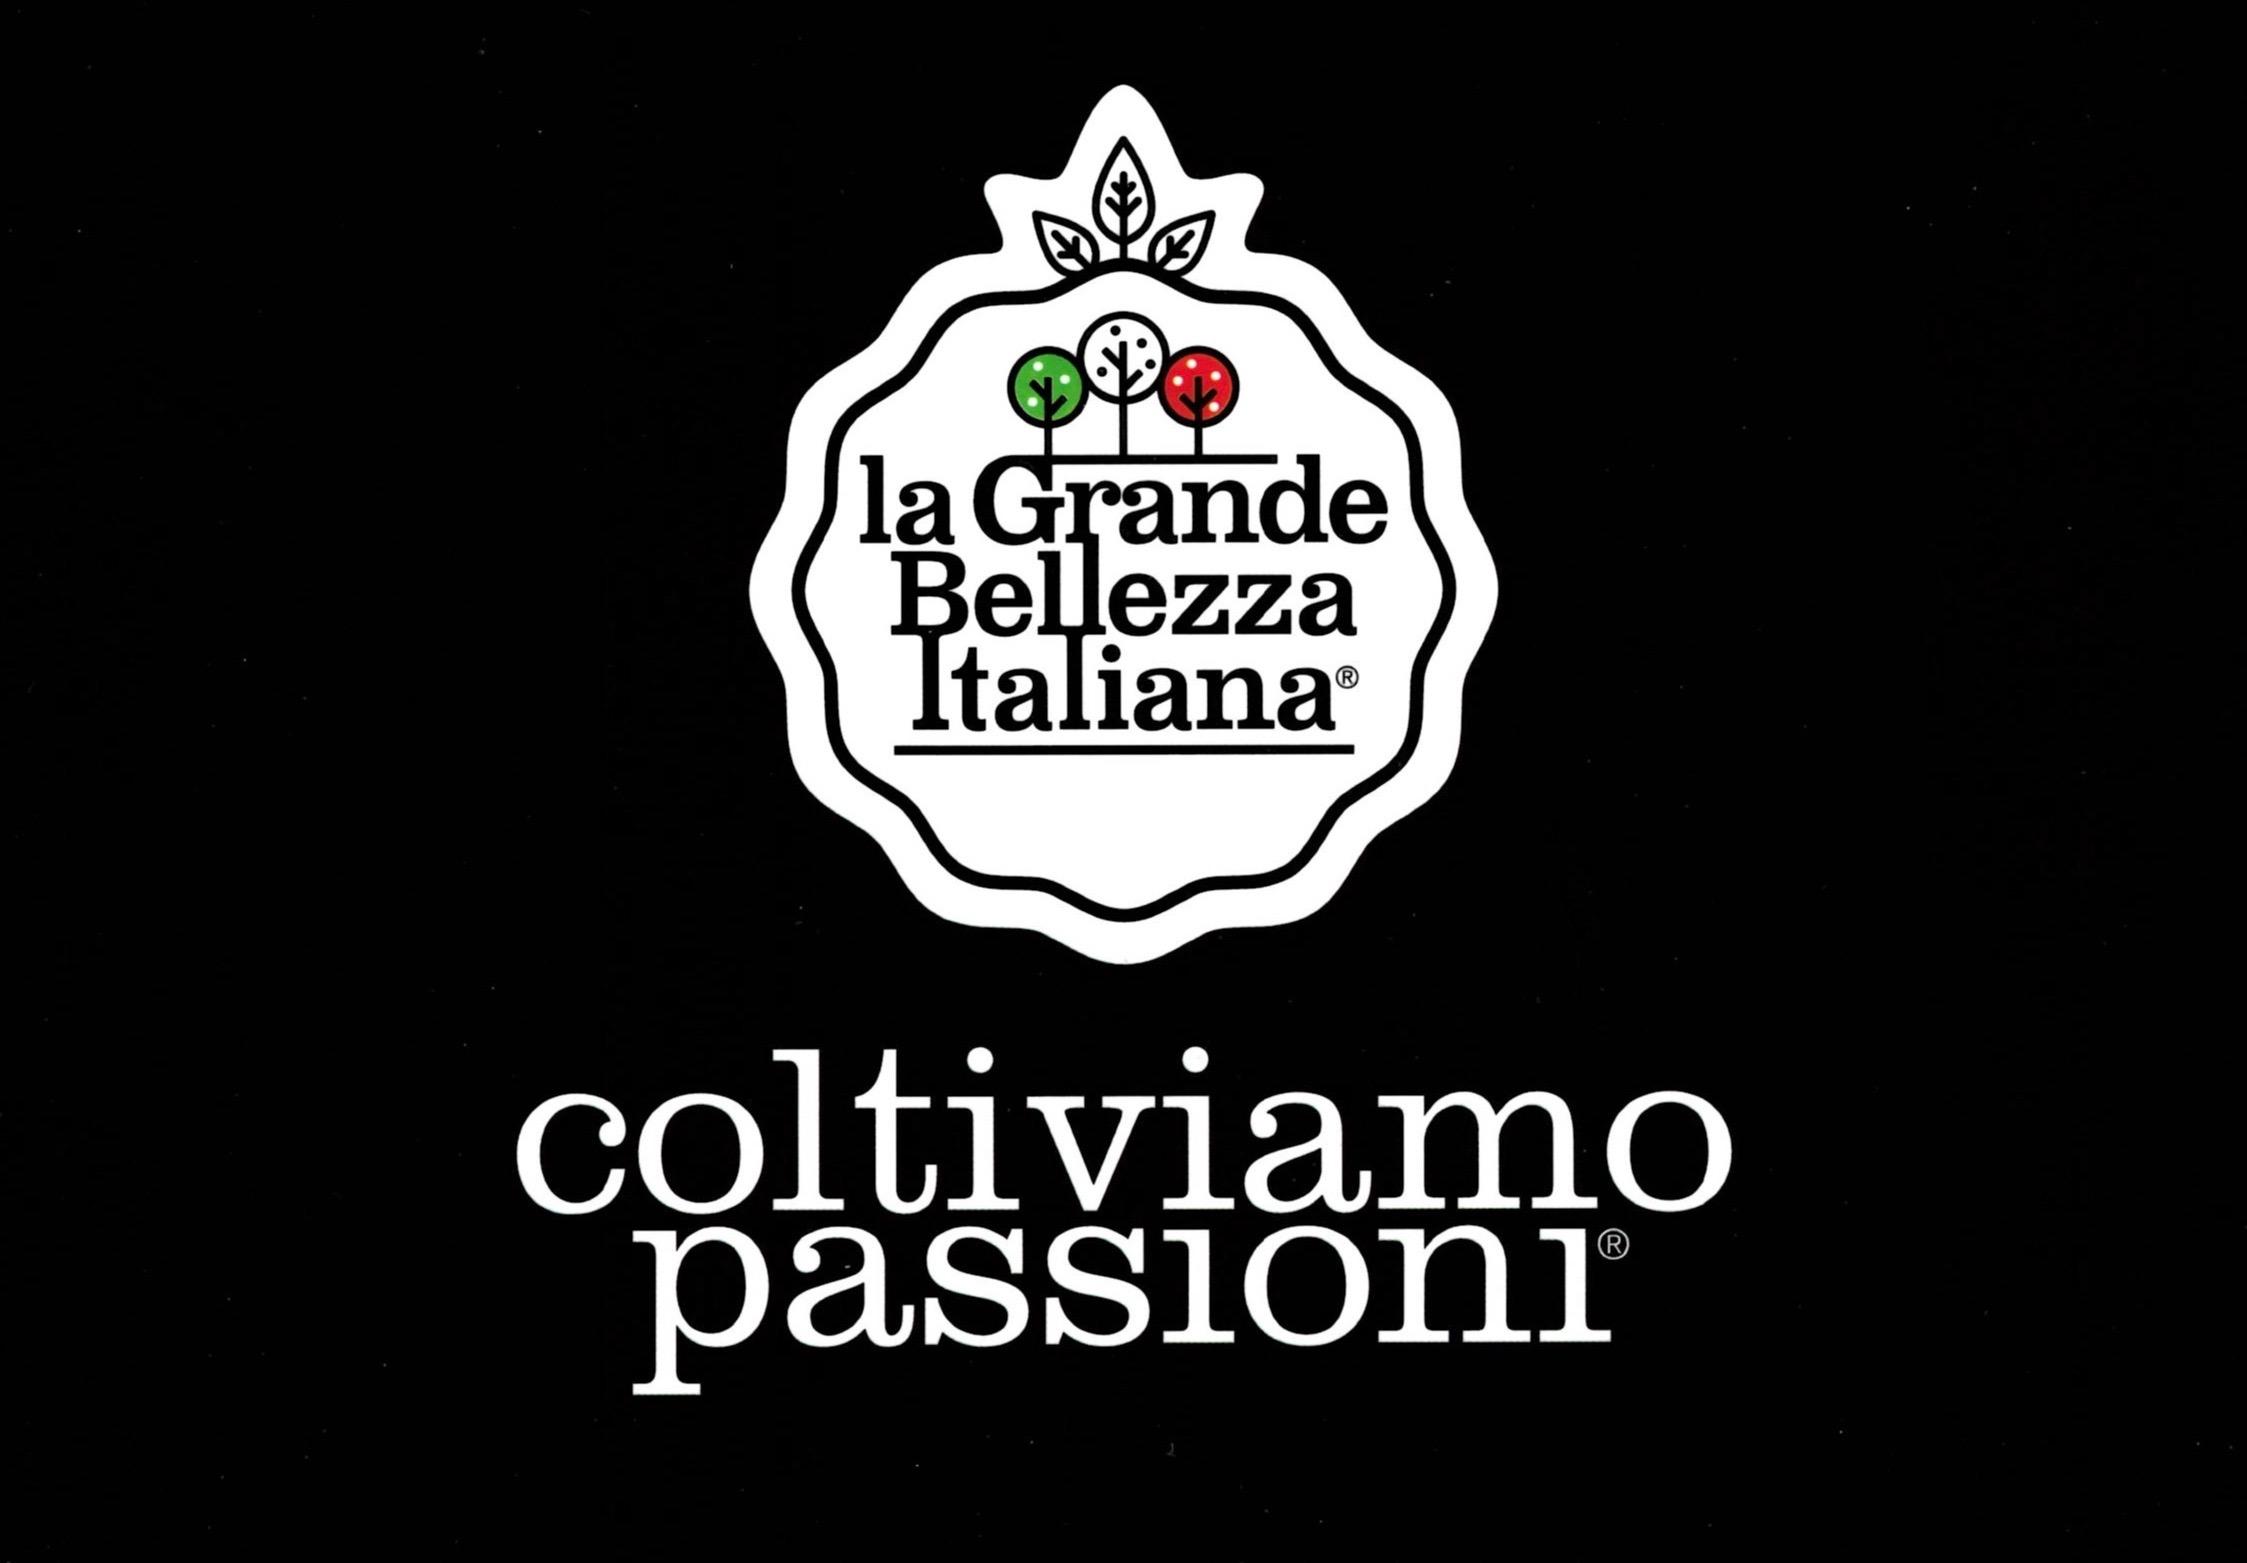 La-Grande-Bellezza-Italiana-Fm-2018